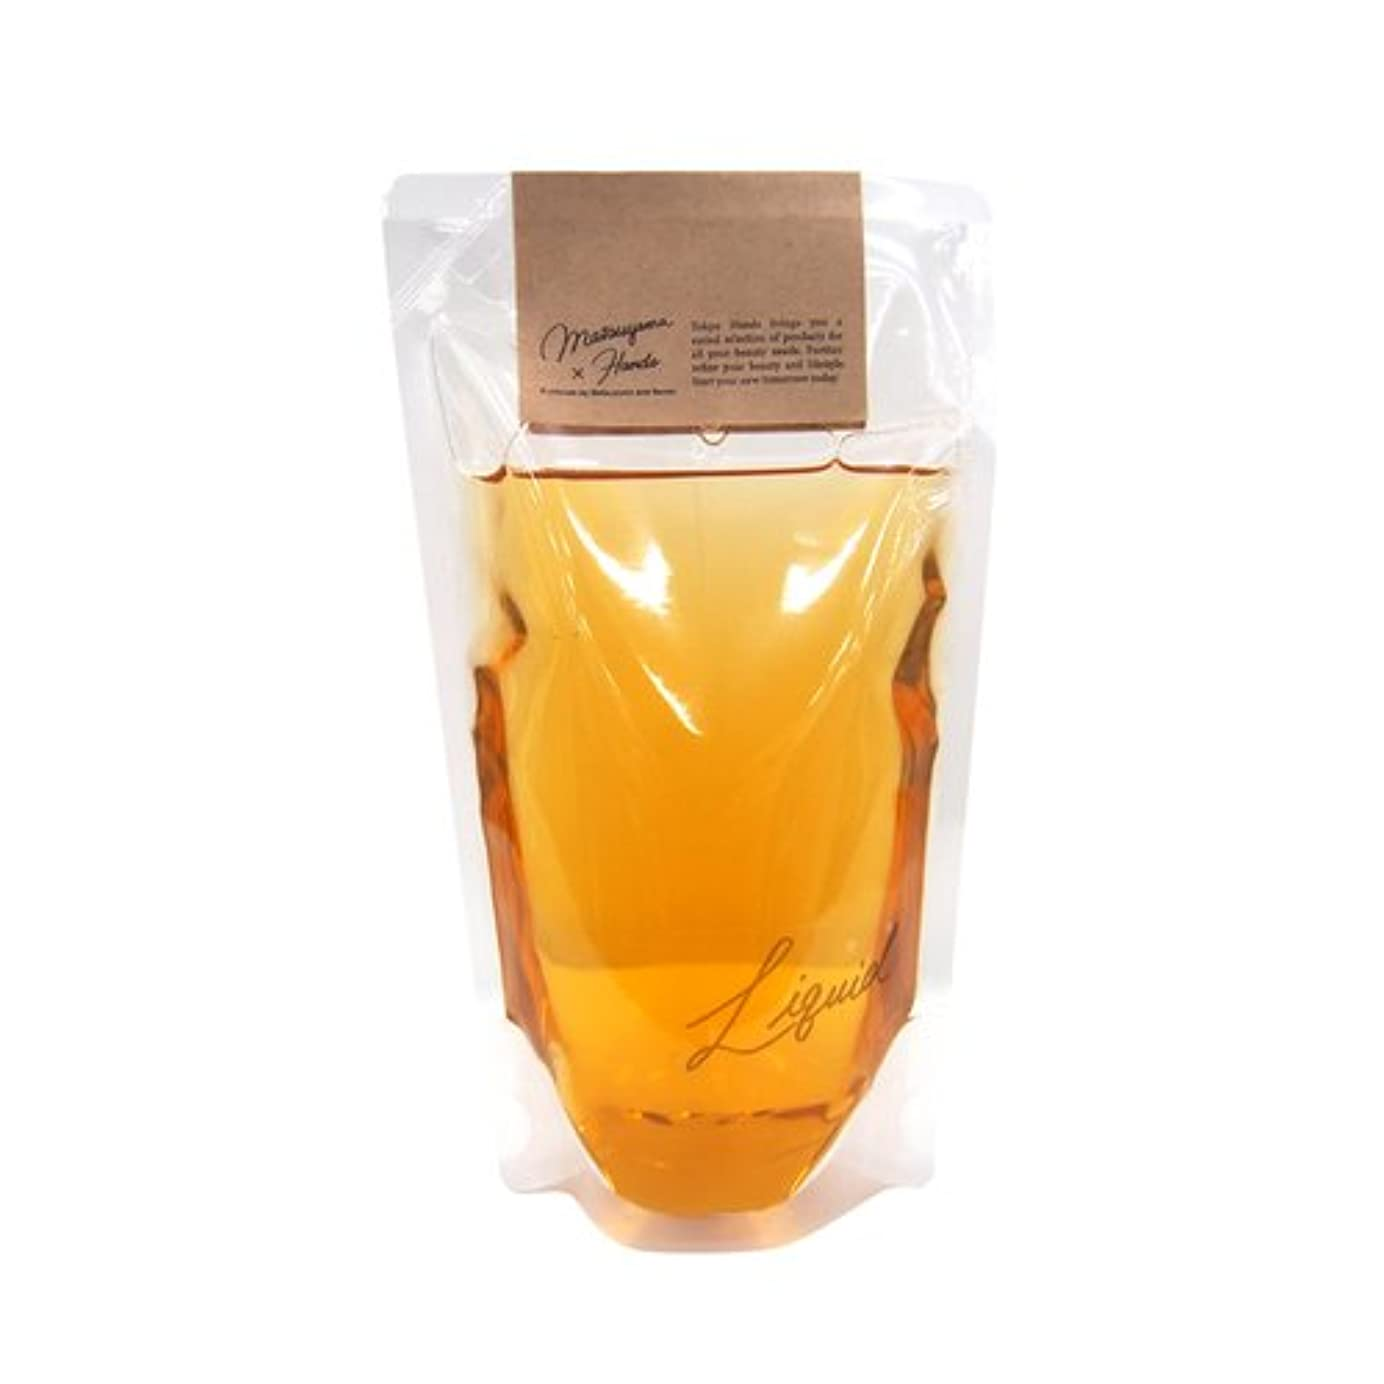 孤独落花生抵抗する松山油脂×東急ハンズ モイスチャーリキッドソープ カモミール替 280mL